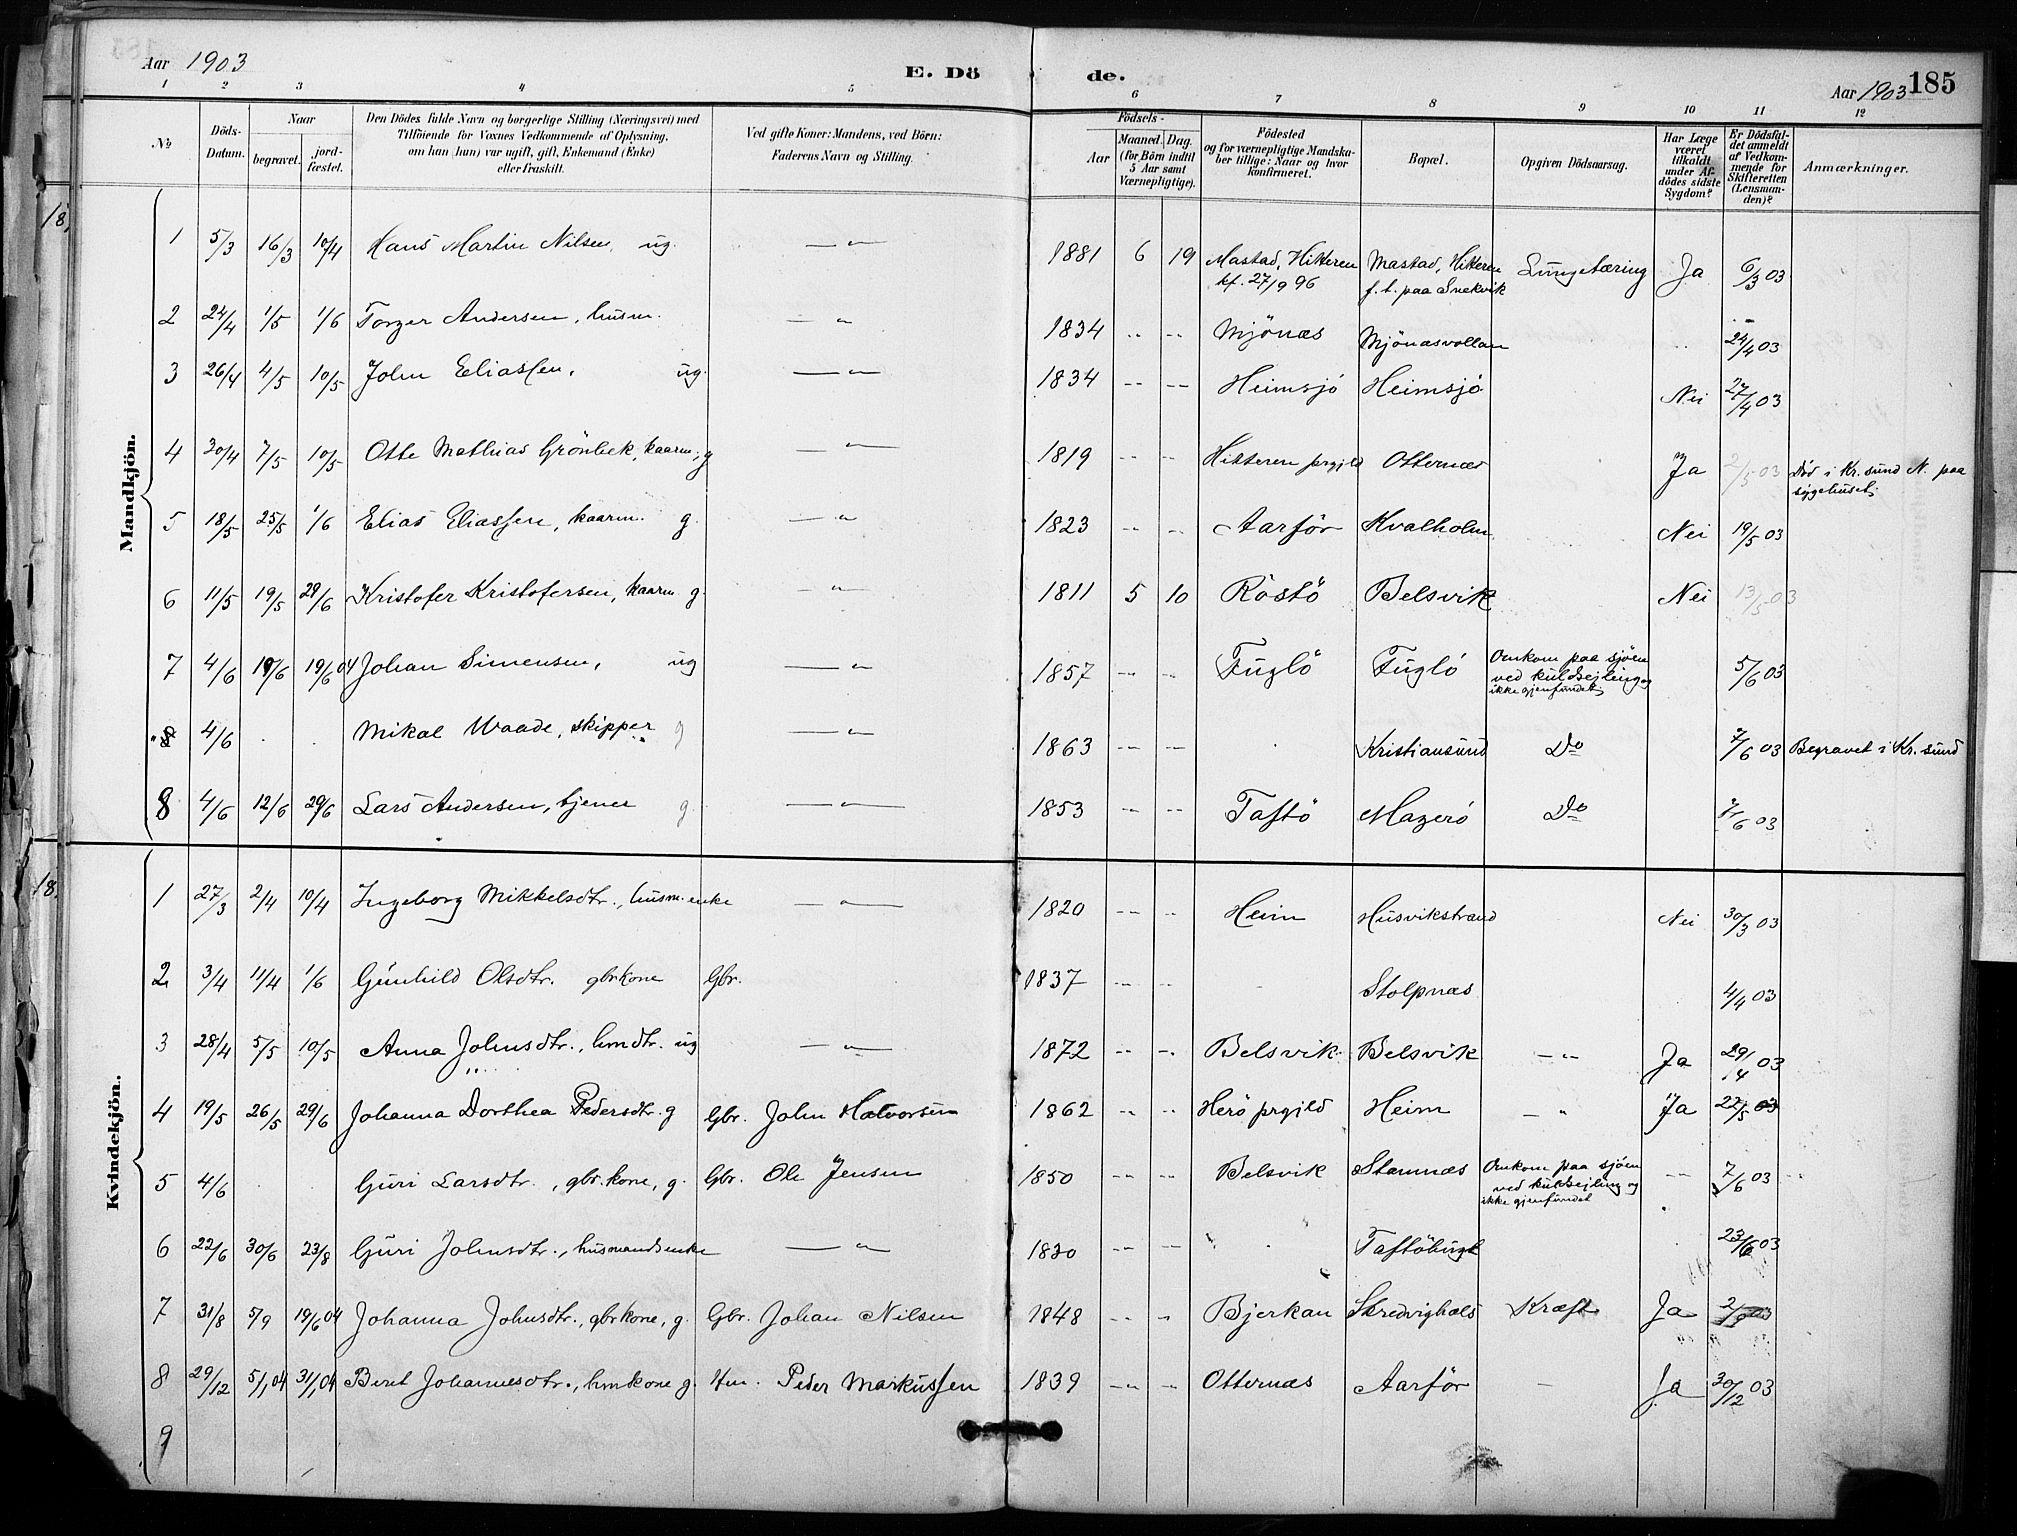 SAT, Ministerialprotokoller, klokkerbøker og fødselsregistre - Sør-Trøndelag, 633/L0518: Ministerialbok nr. 633A01, 1884-1906, s. 185